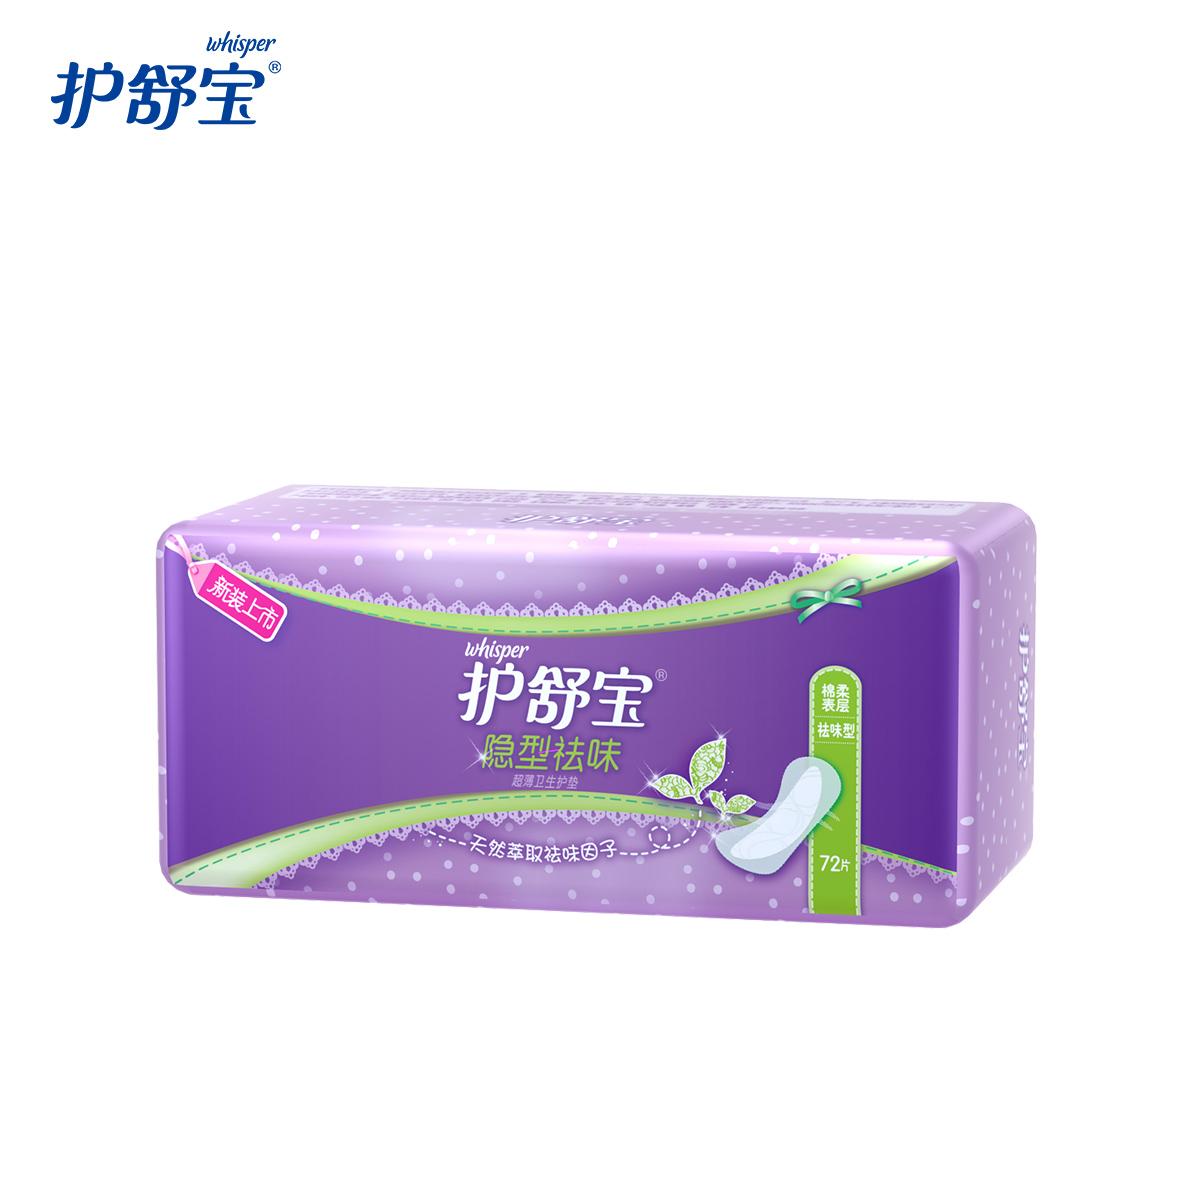 【随心组】护舒宝隐型祛味超薄卫生护垫60+12片